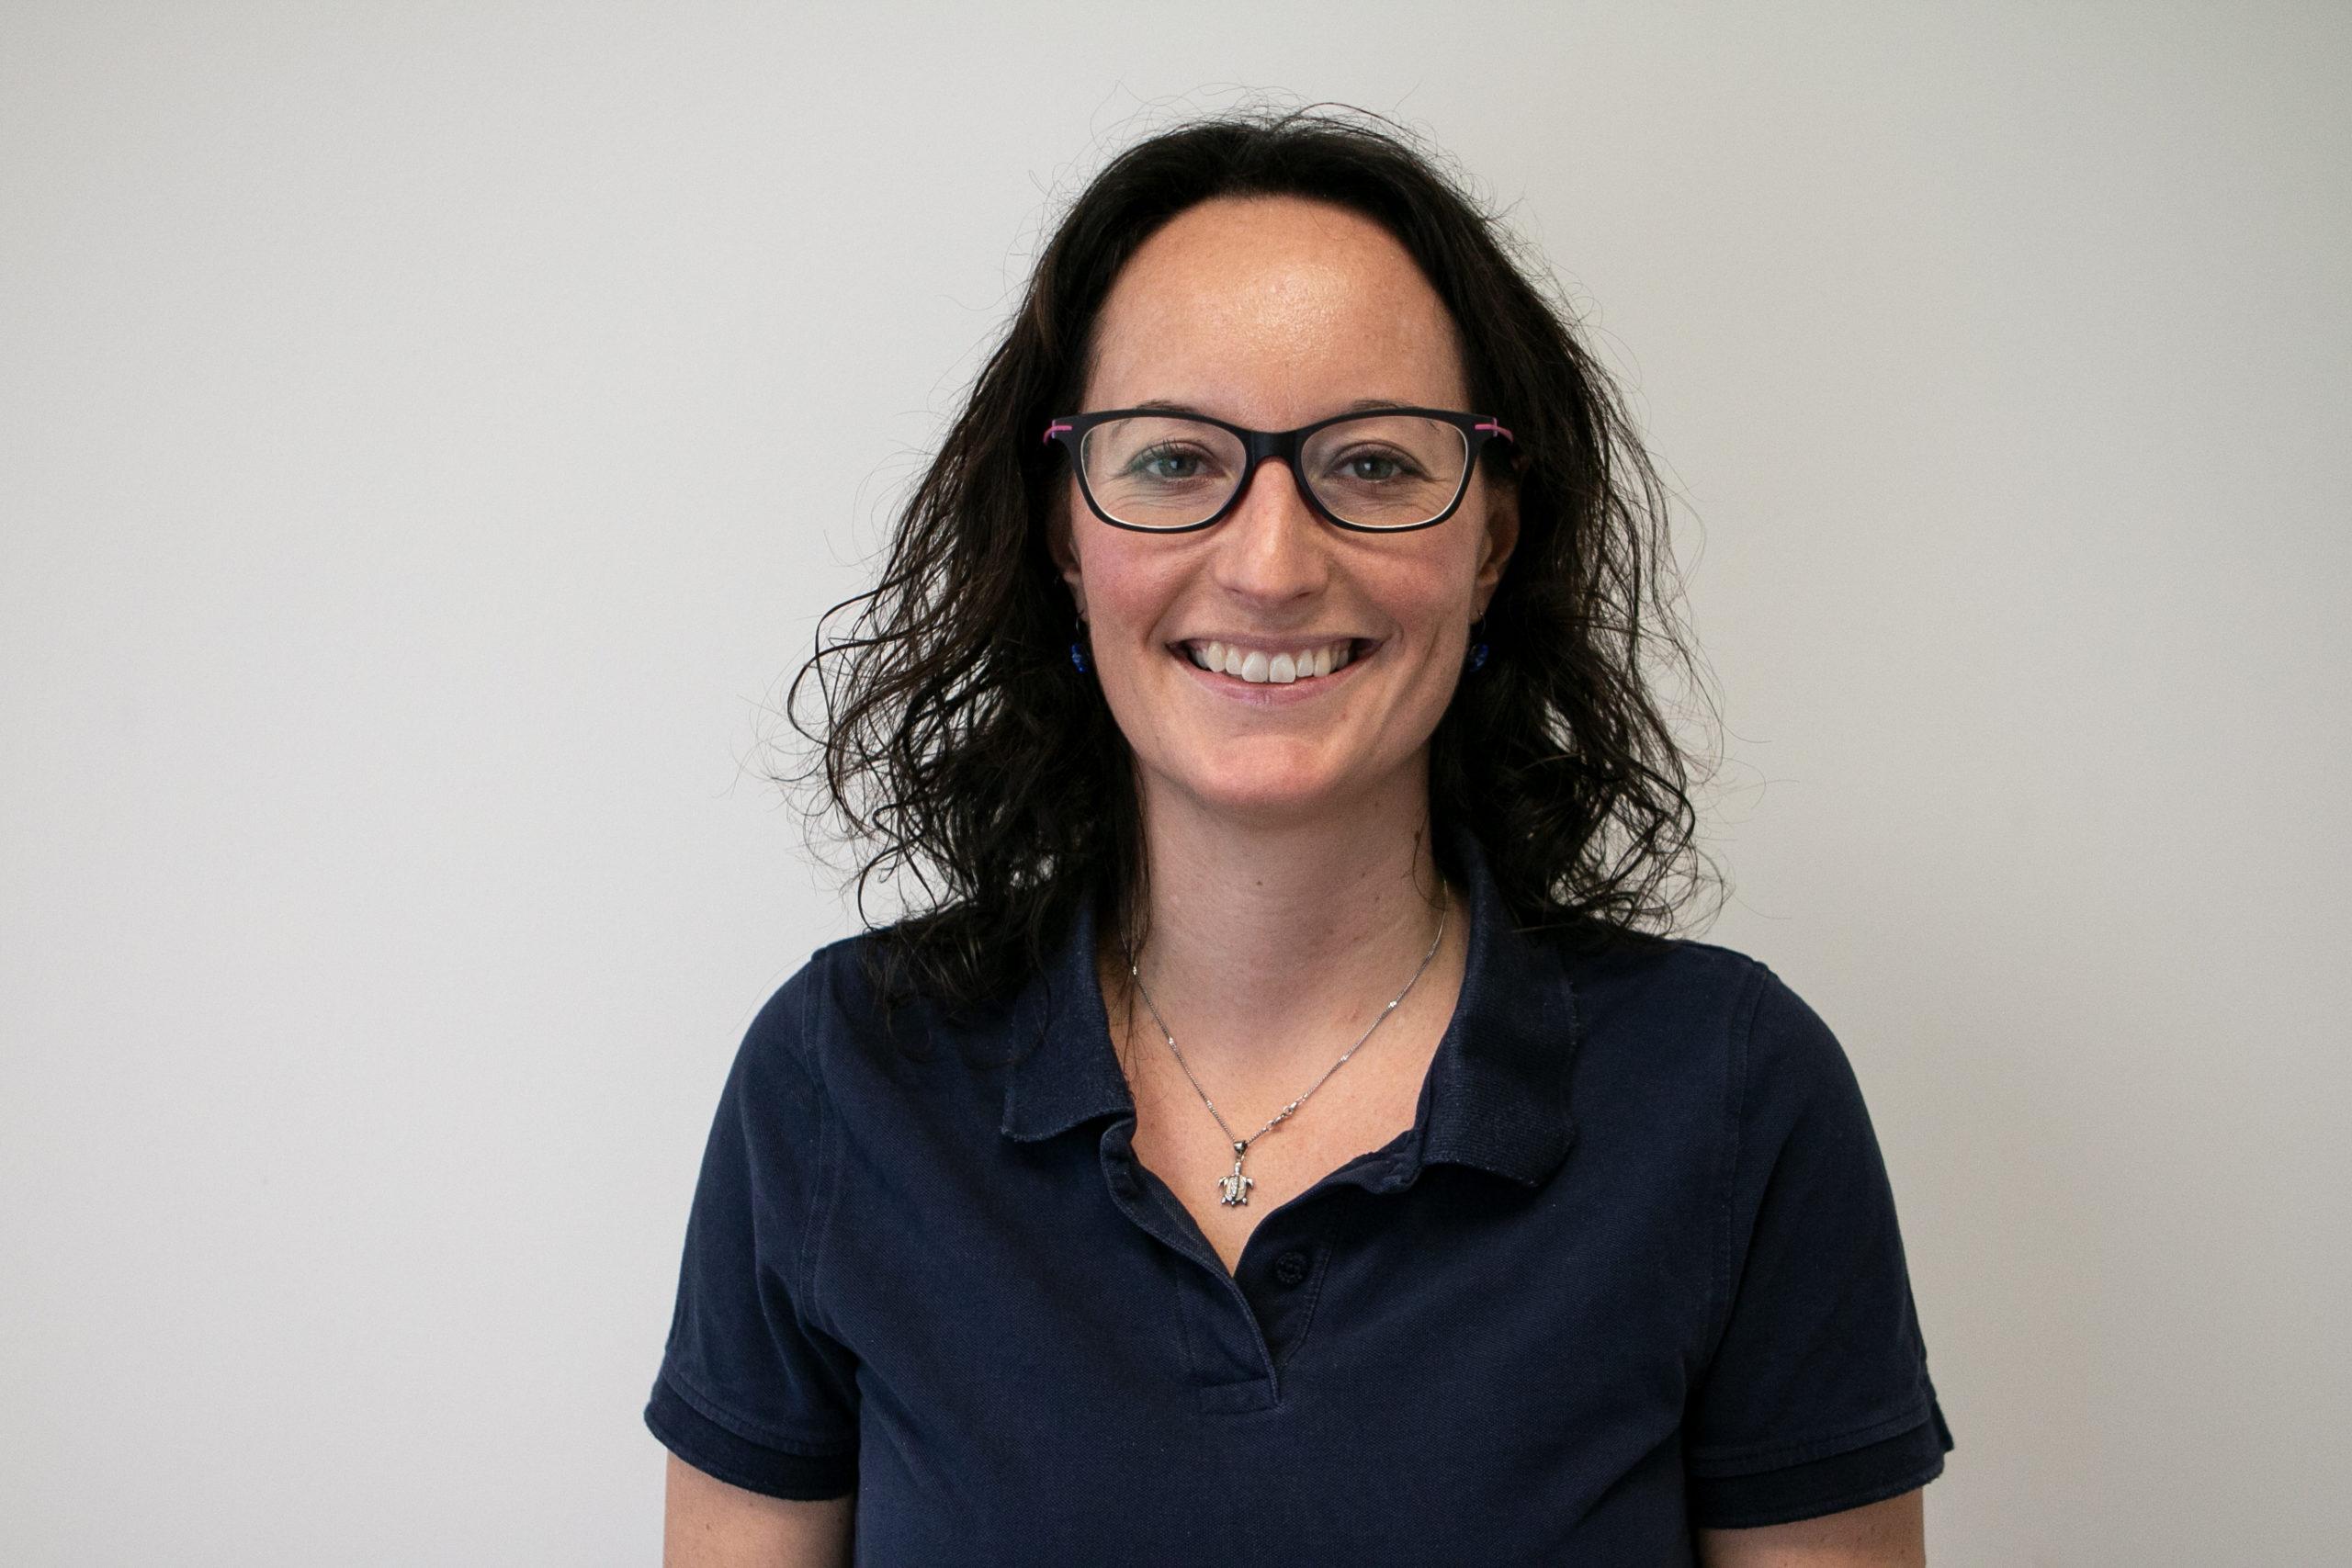 Teamfoto Melanie Turner - Orthopädie Böhmer in Kolbermoor